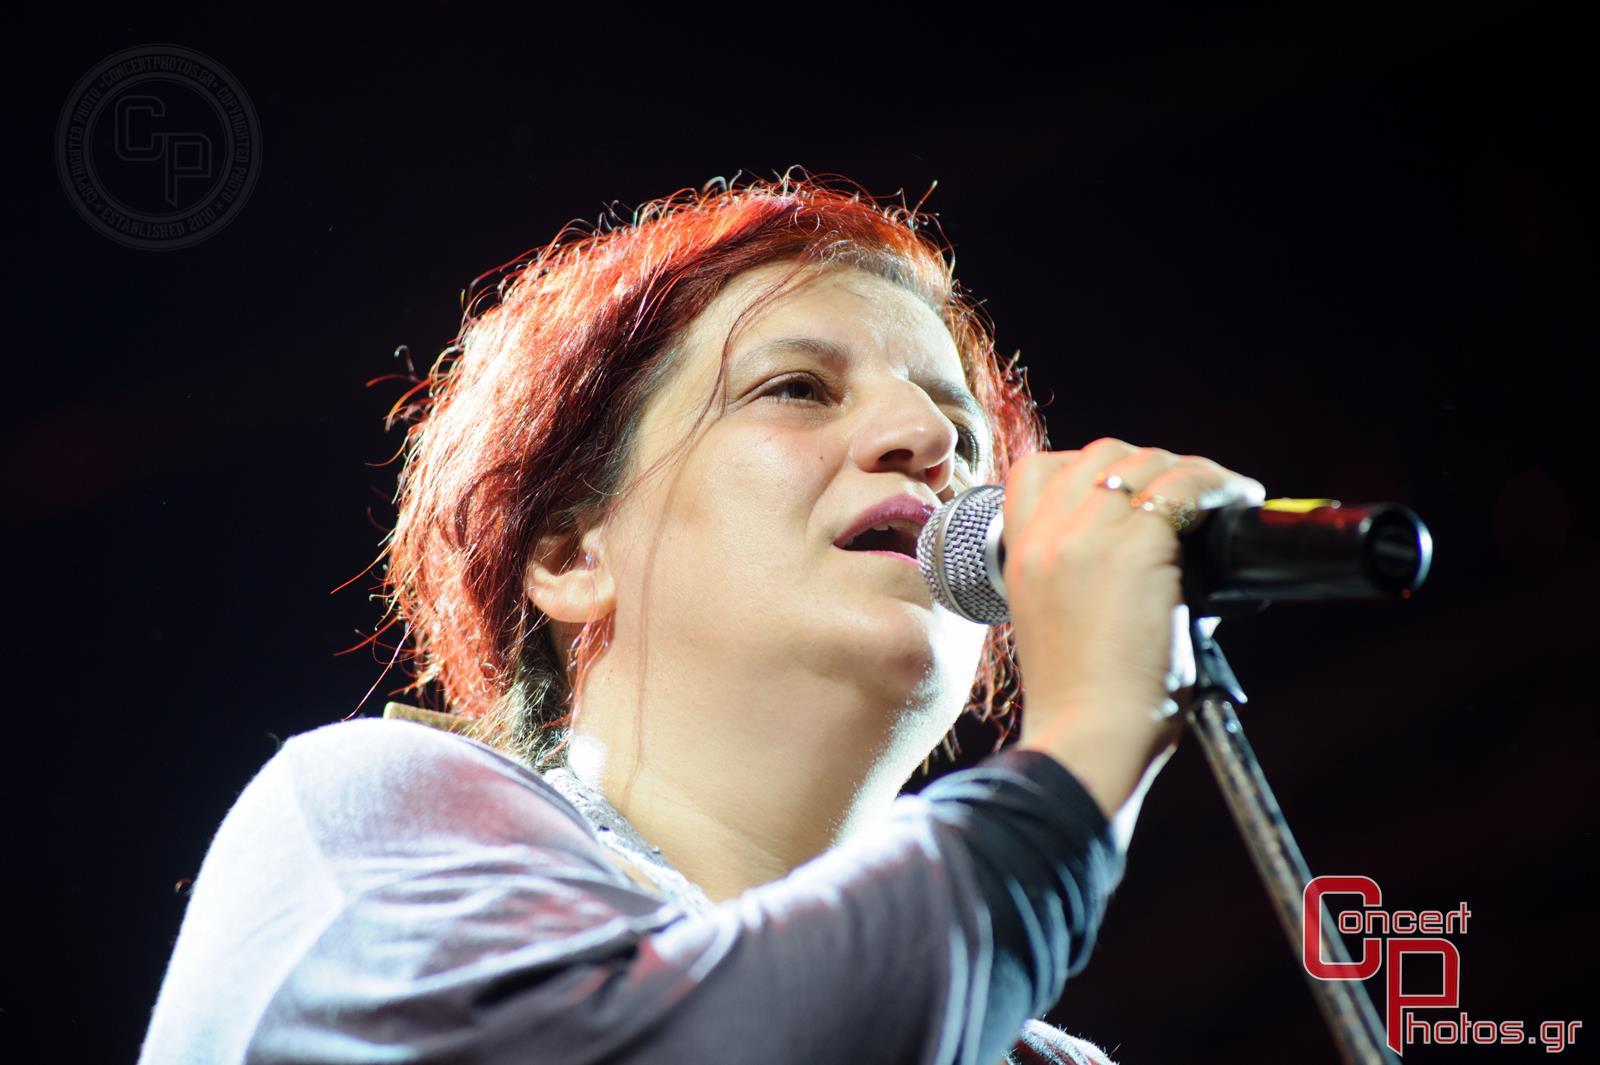 Μία συναυλία για τη Σχεδία 2014-Sxedia 2014 photographer:  - concertphotos_20140526_22_07_06